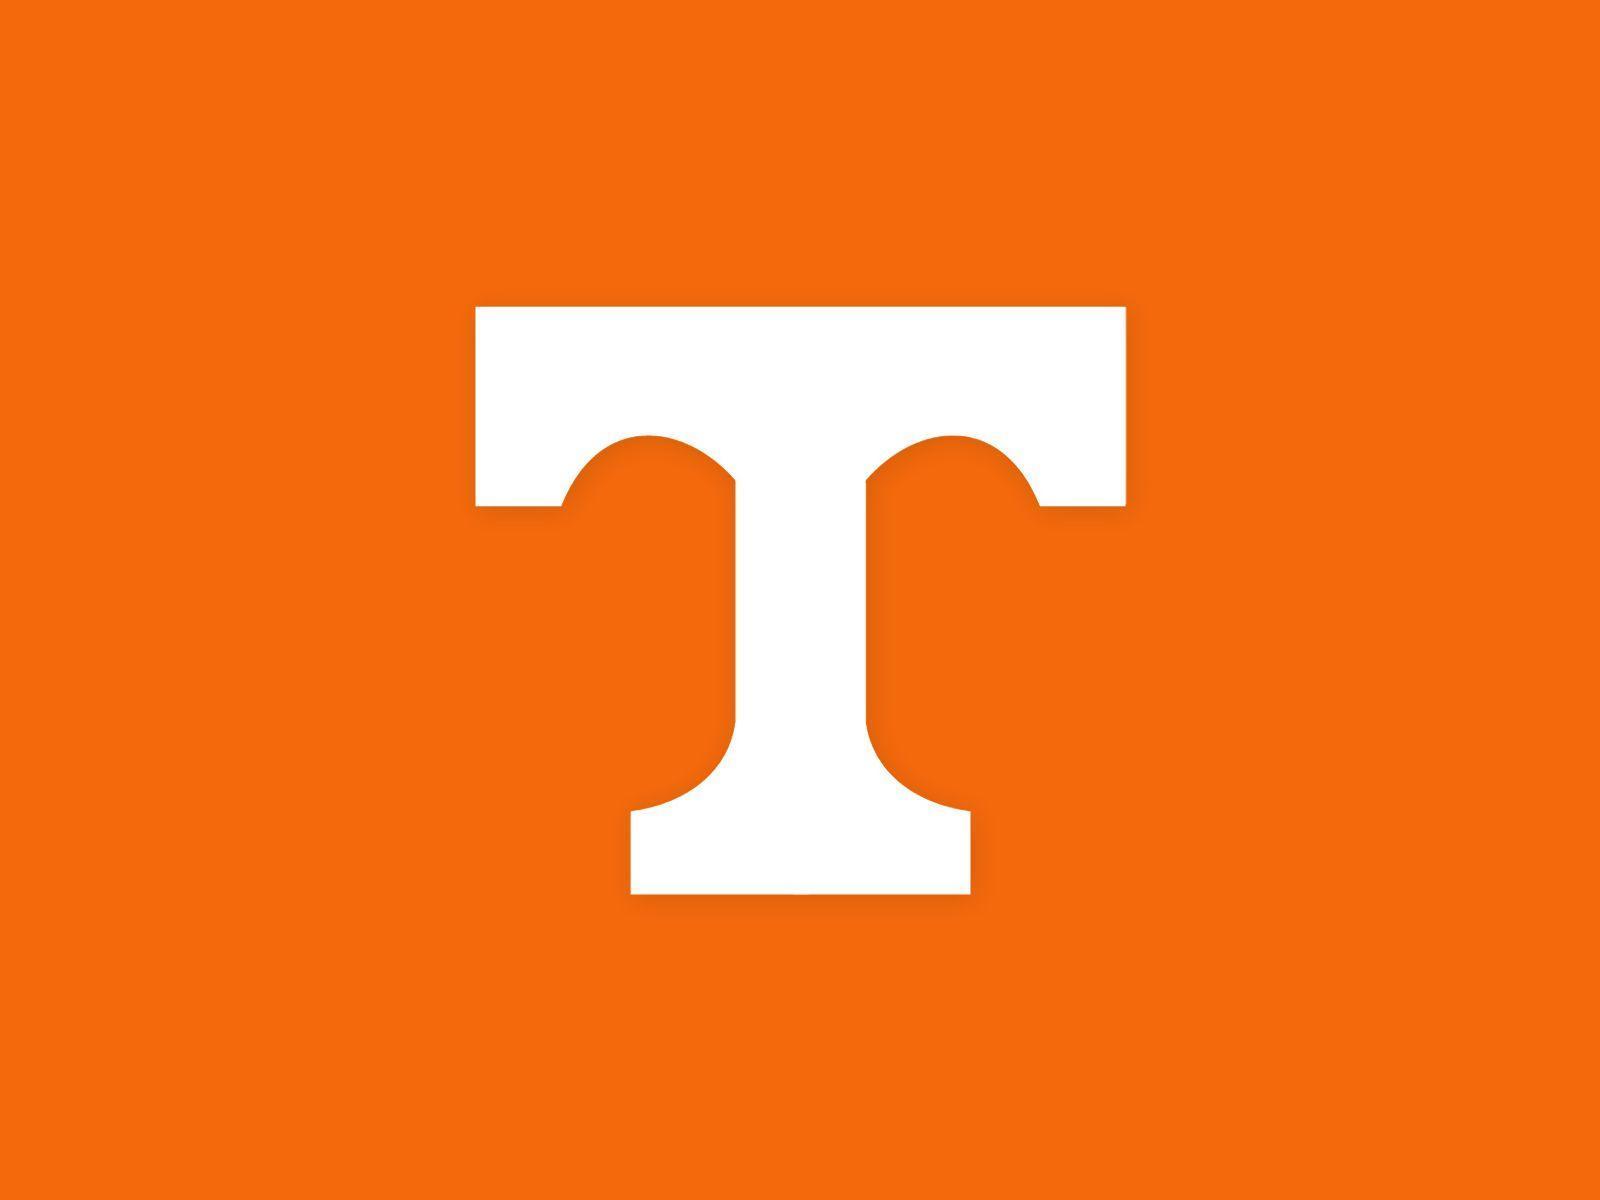 Tennessee Volunteers Wallpapers Top Free Tennessee Volunteers Backgrounds Wallpaperaccess